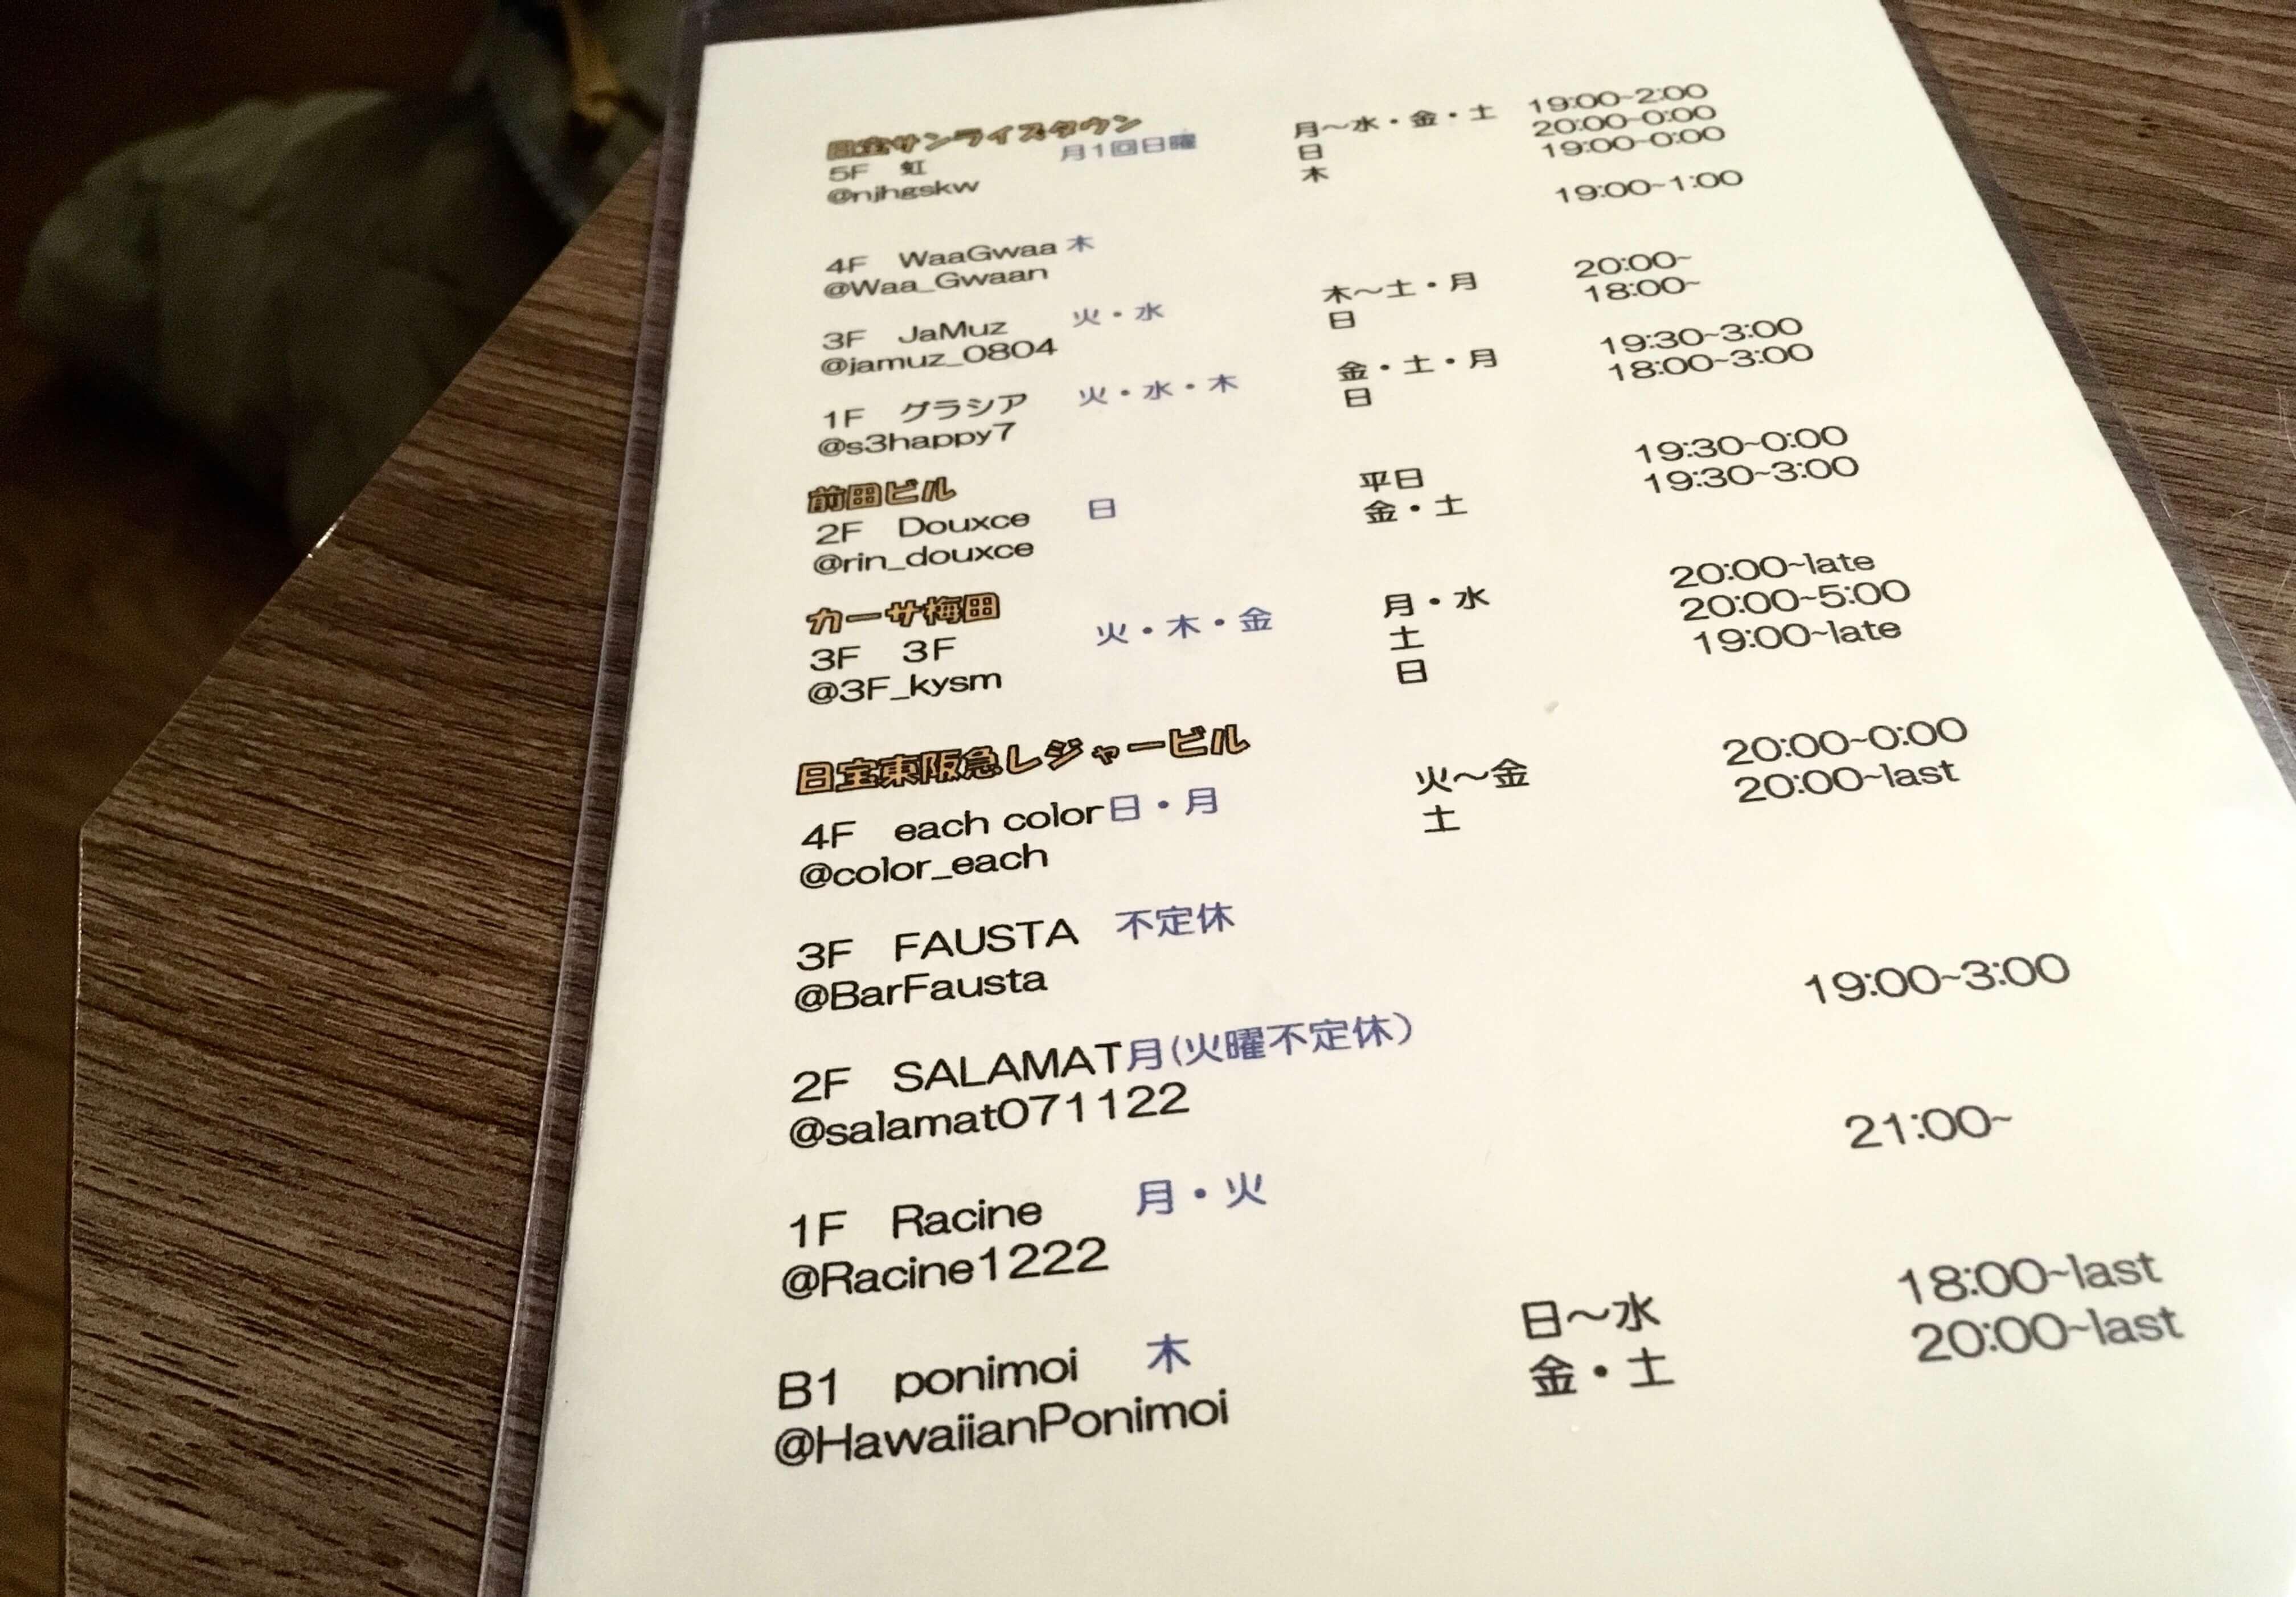 堂山レズビアンバーリスト1